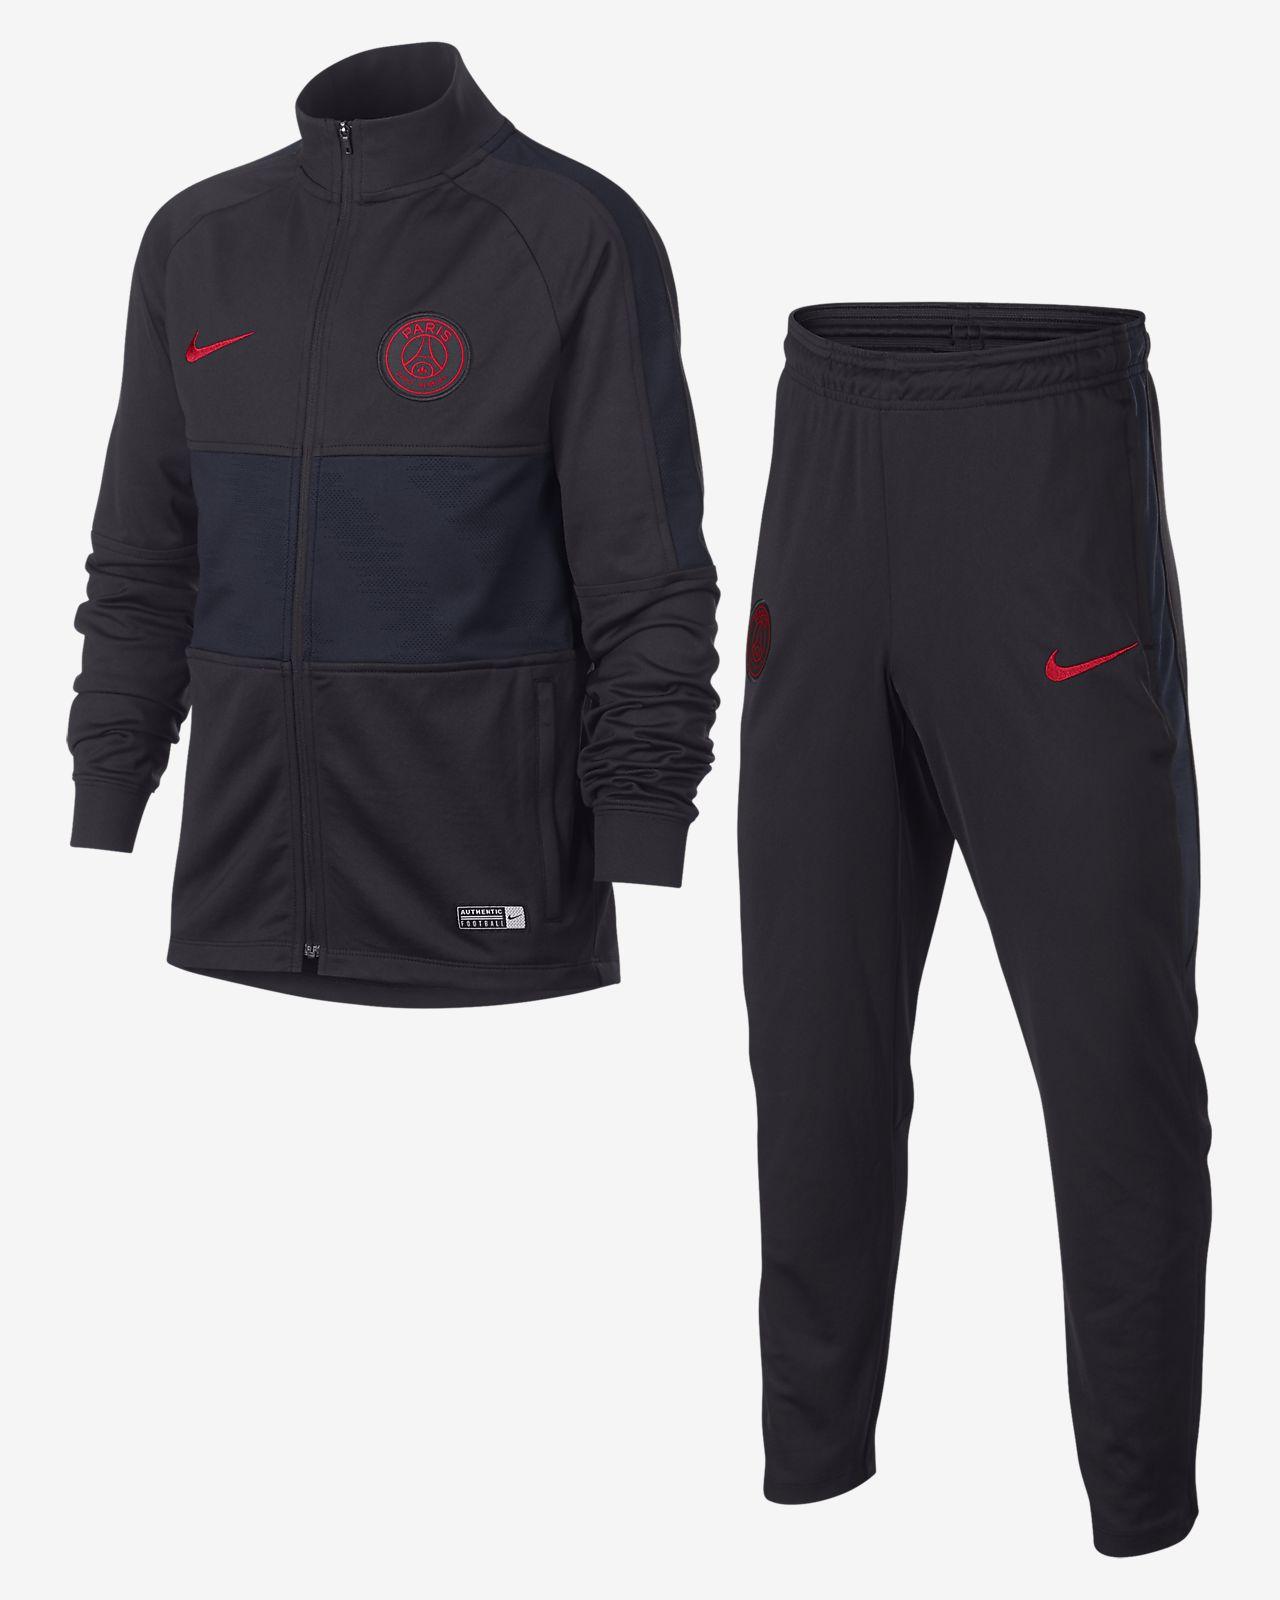 Fotbalová tepláková souprava pro větší děti Nike Dri-FIT Paris Saint-Germain Strike